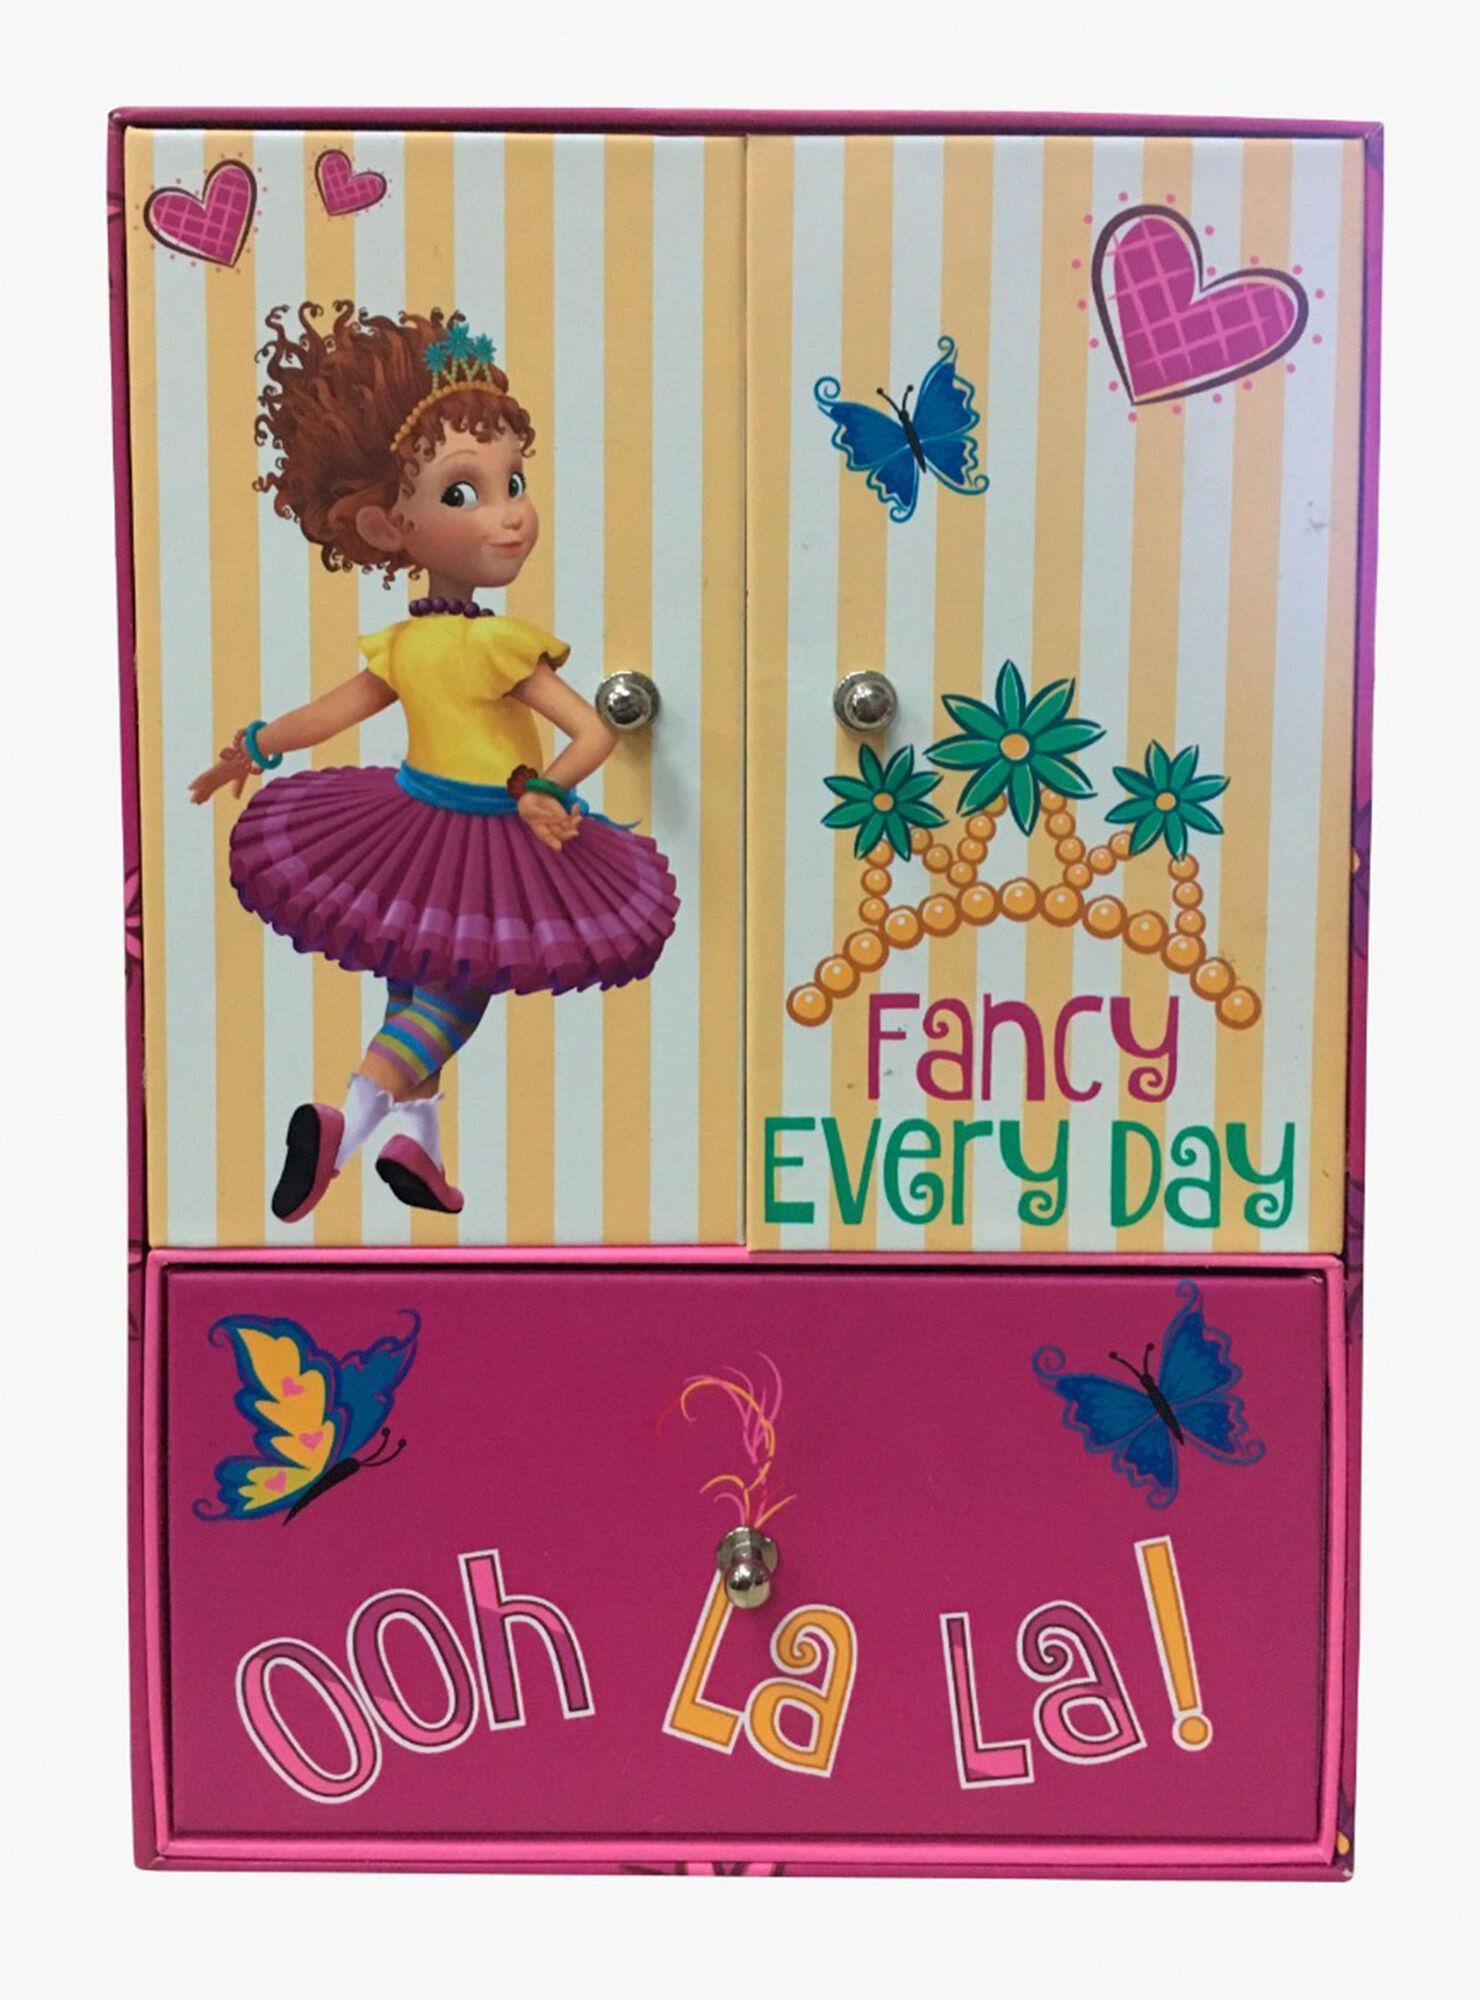 Juego de Creación Joyero Ooh La La Fancy Nancy Disney